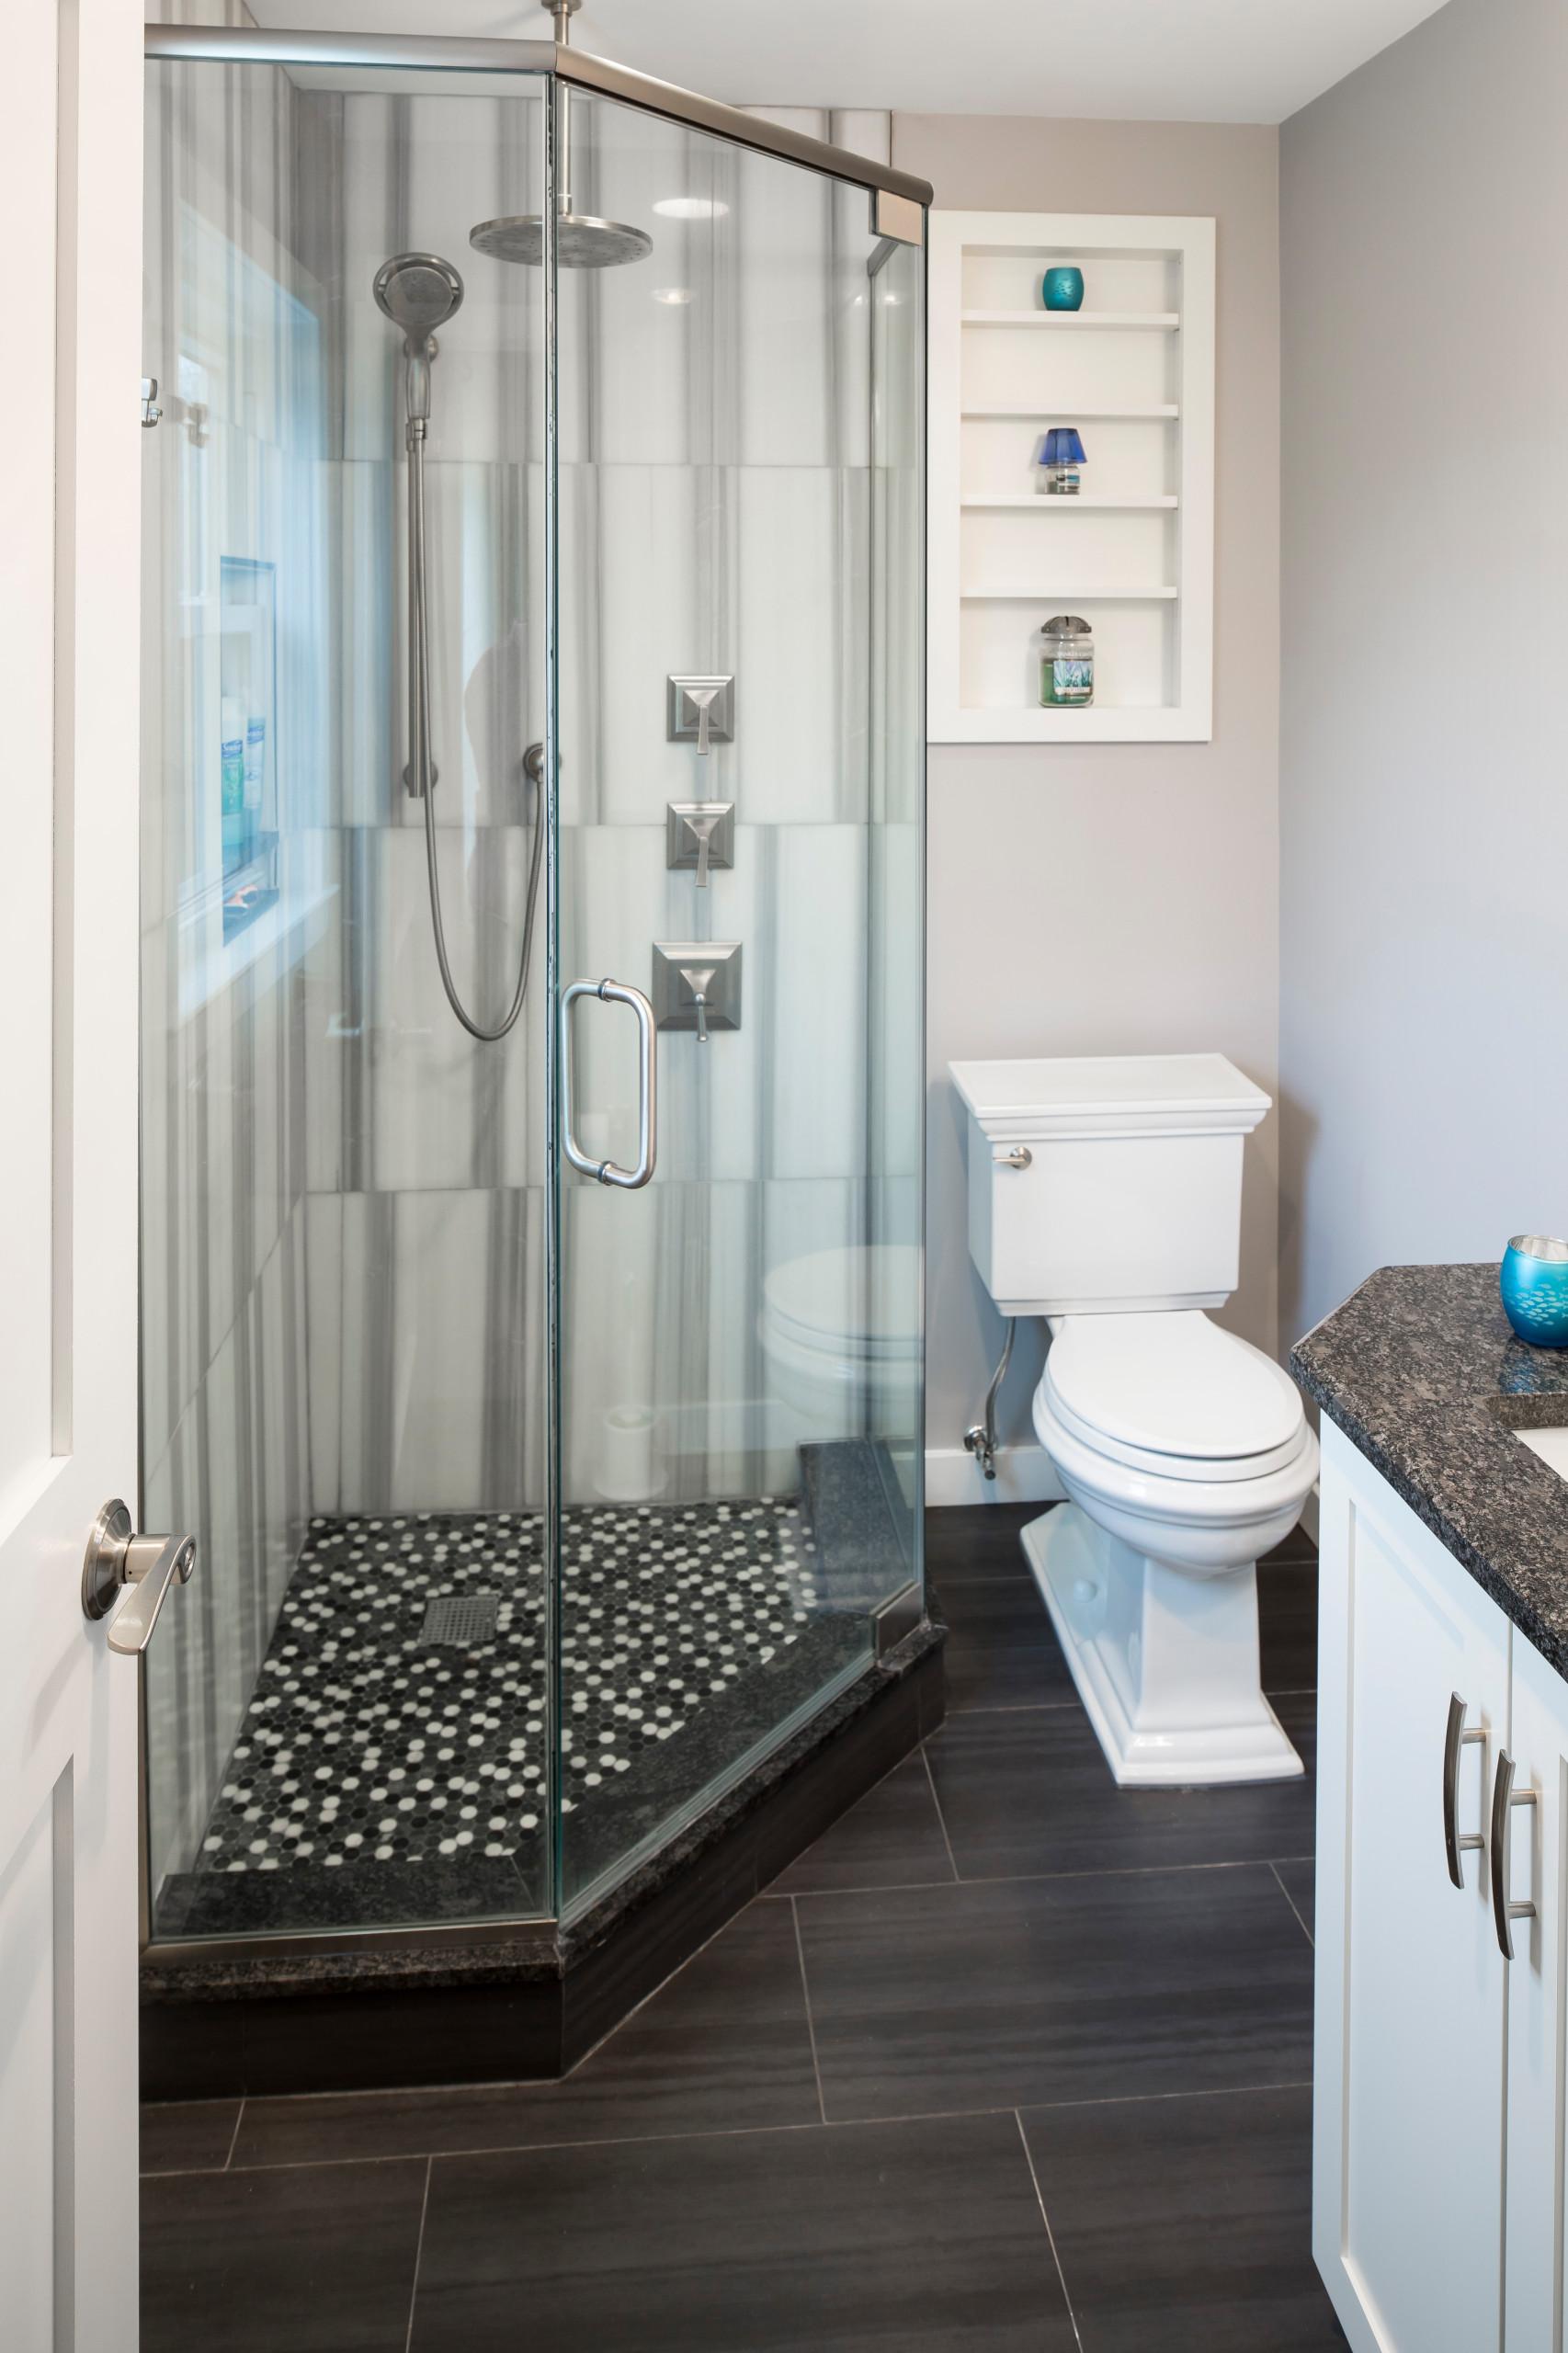 Steve and Leanne's Tiny Modern Bathroom